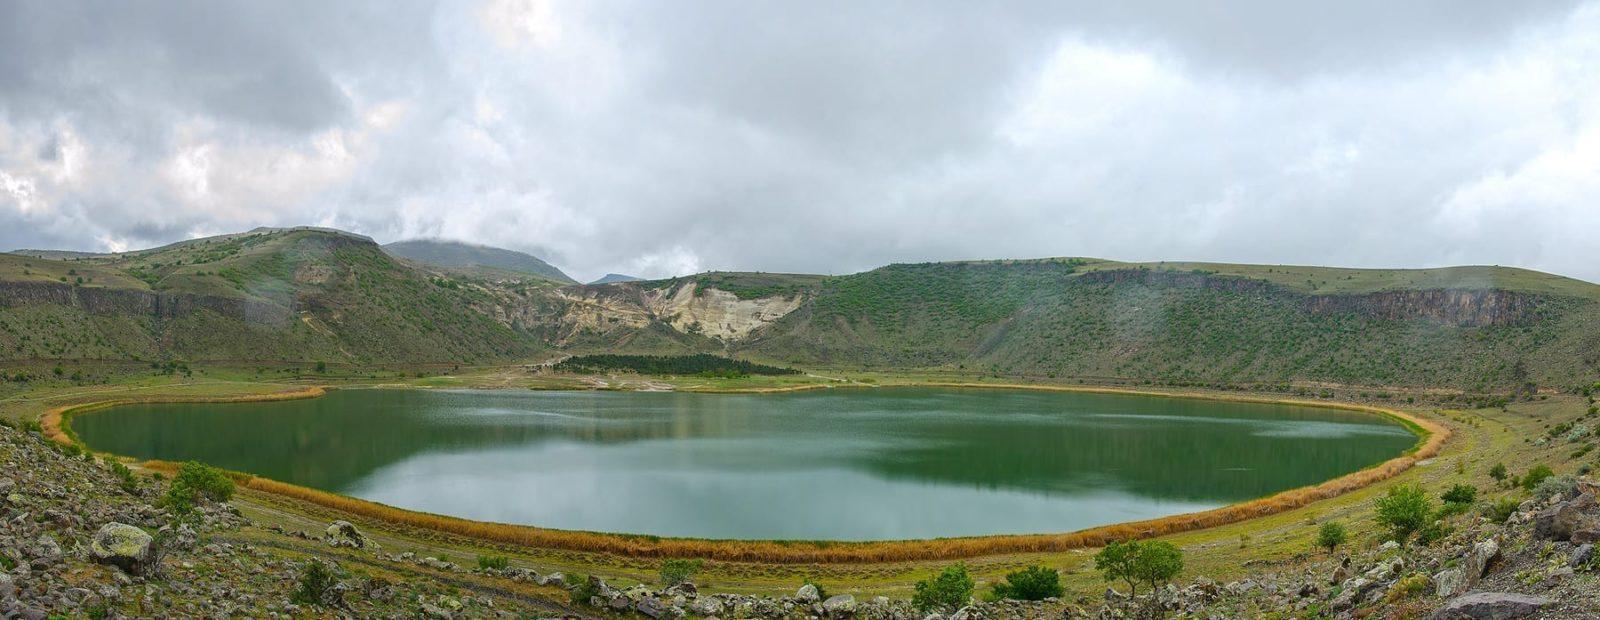 Кратерное озеро Нар Каппадокия